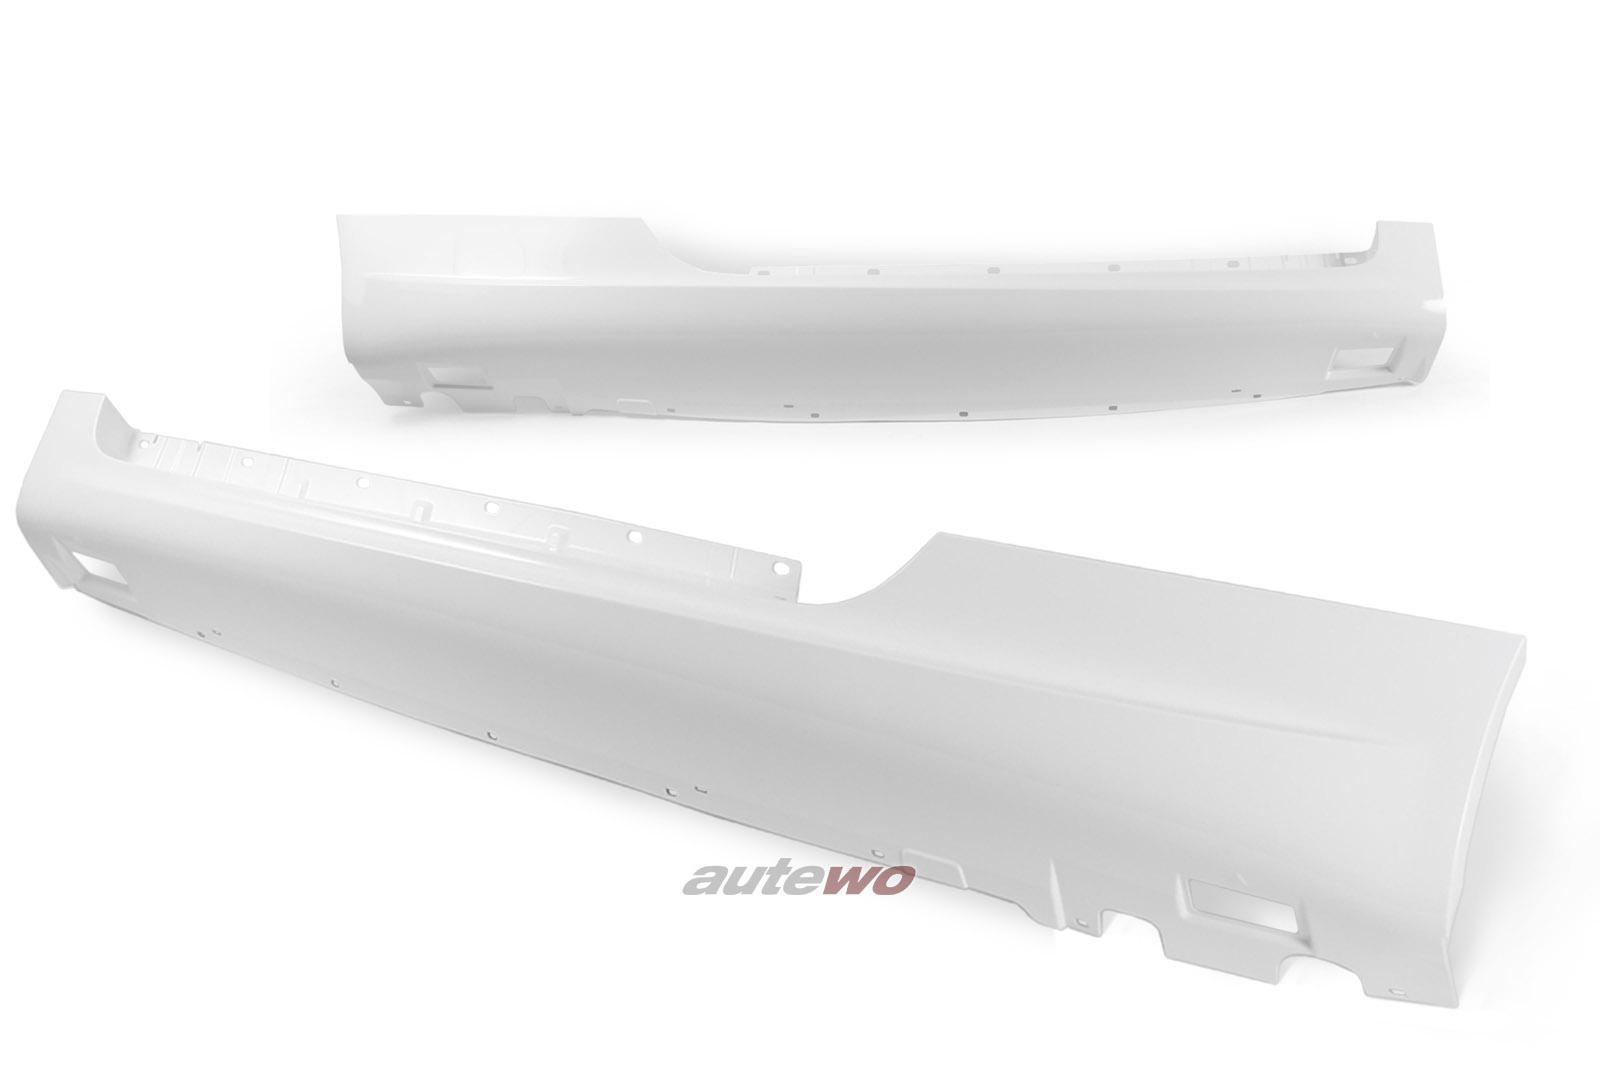 8J0071685 NEU Audi TT 8J Seitenschwellersatz S-Line LY9C ibisweiß